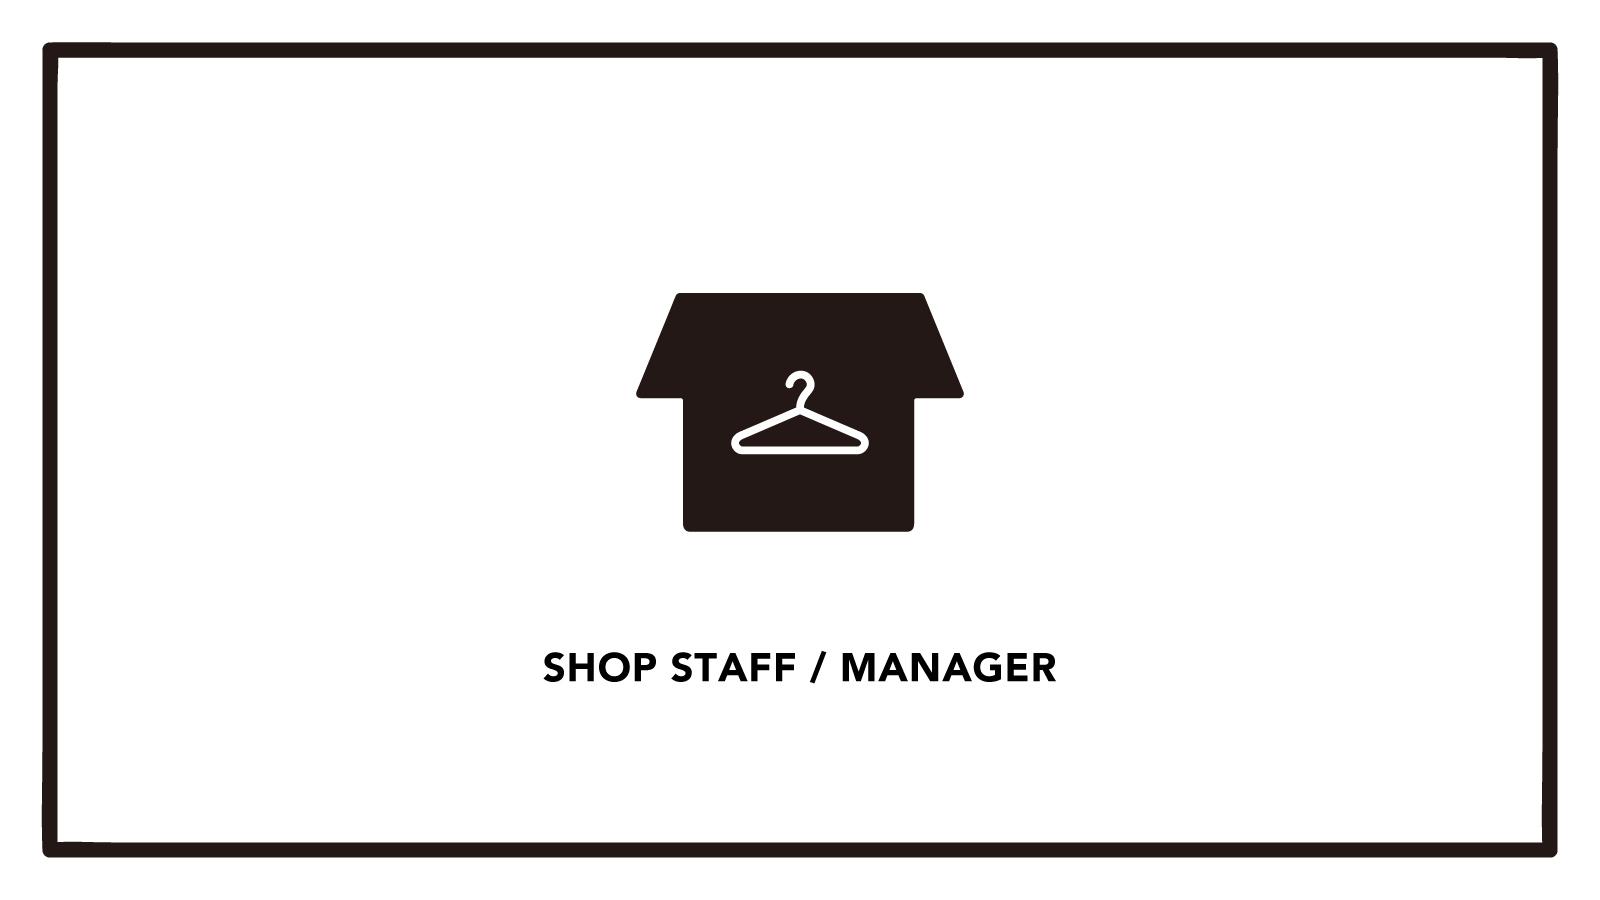 【ショップスタッフ】成熟した大人のための上質な革小物を提案するブランド!のカバー写真